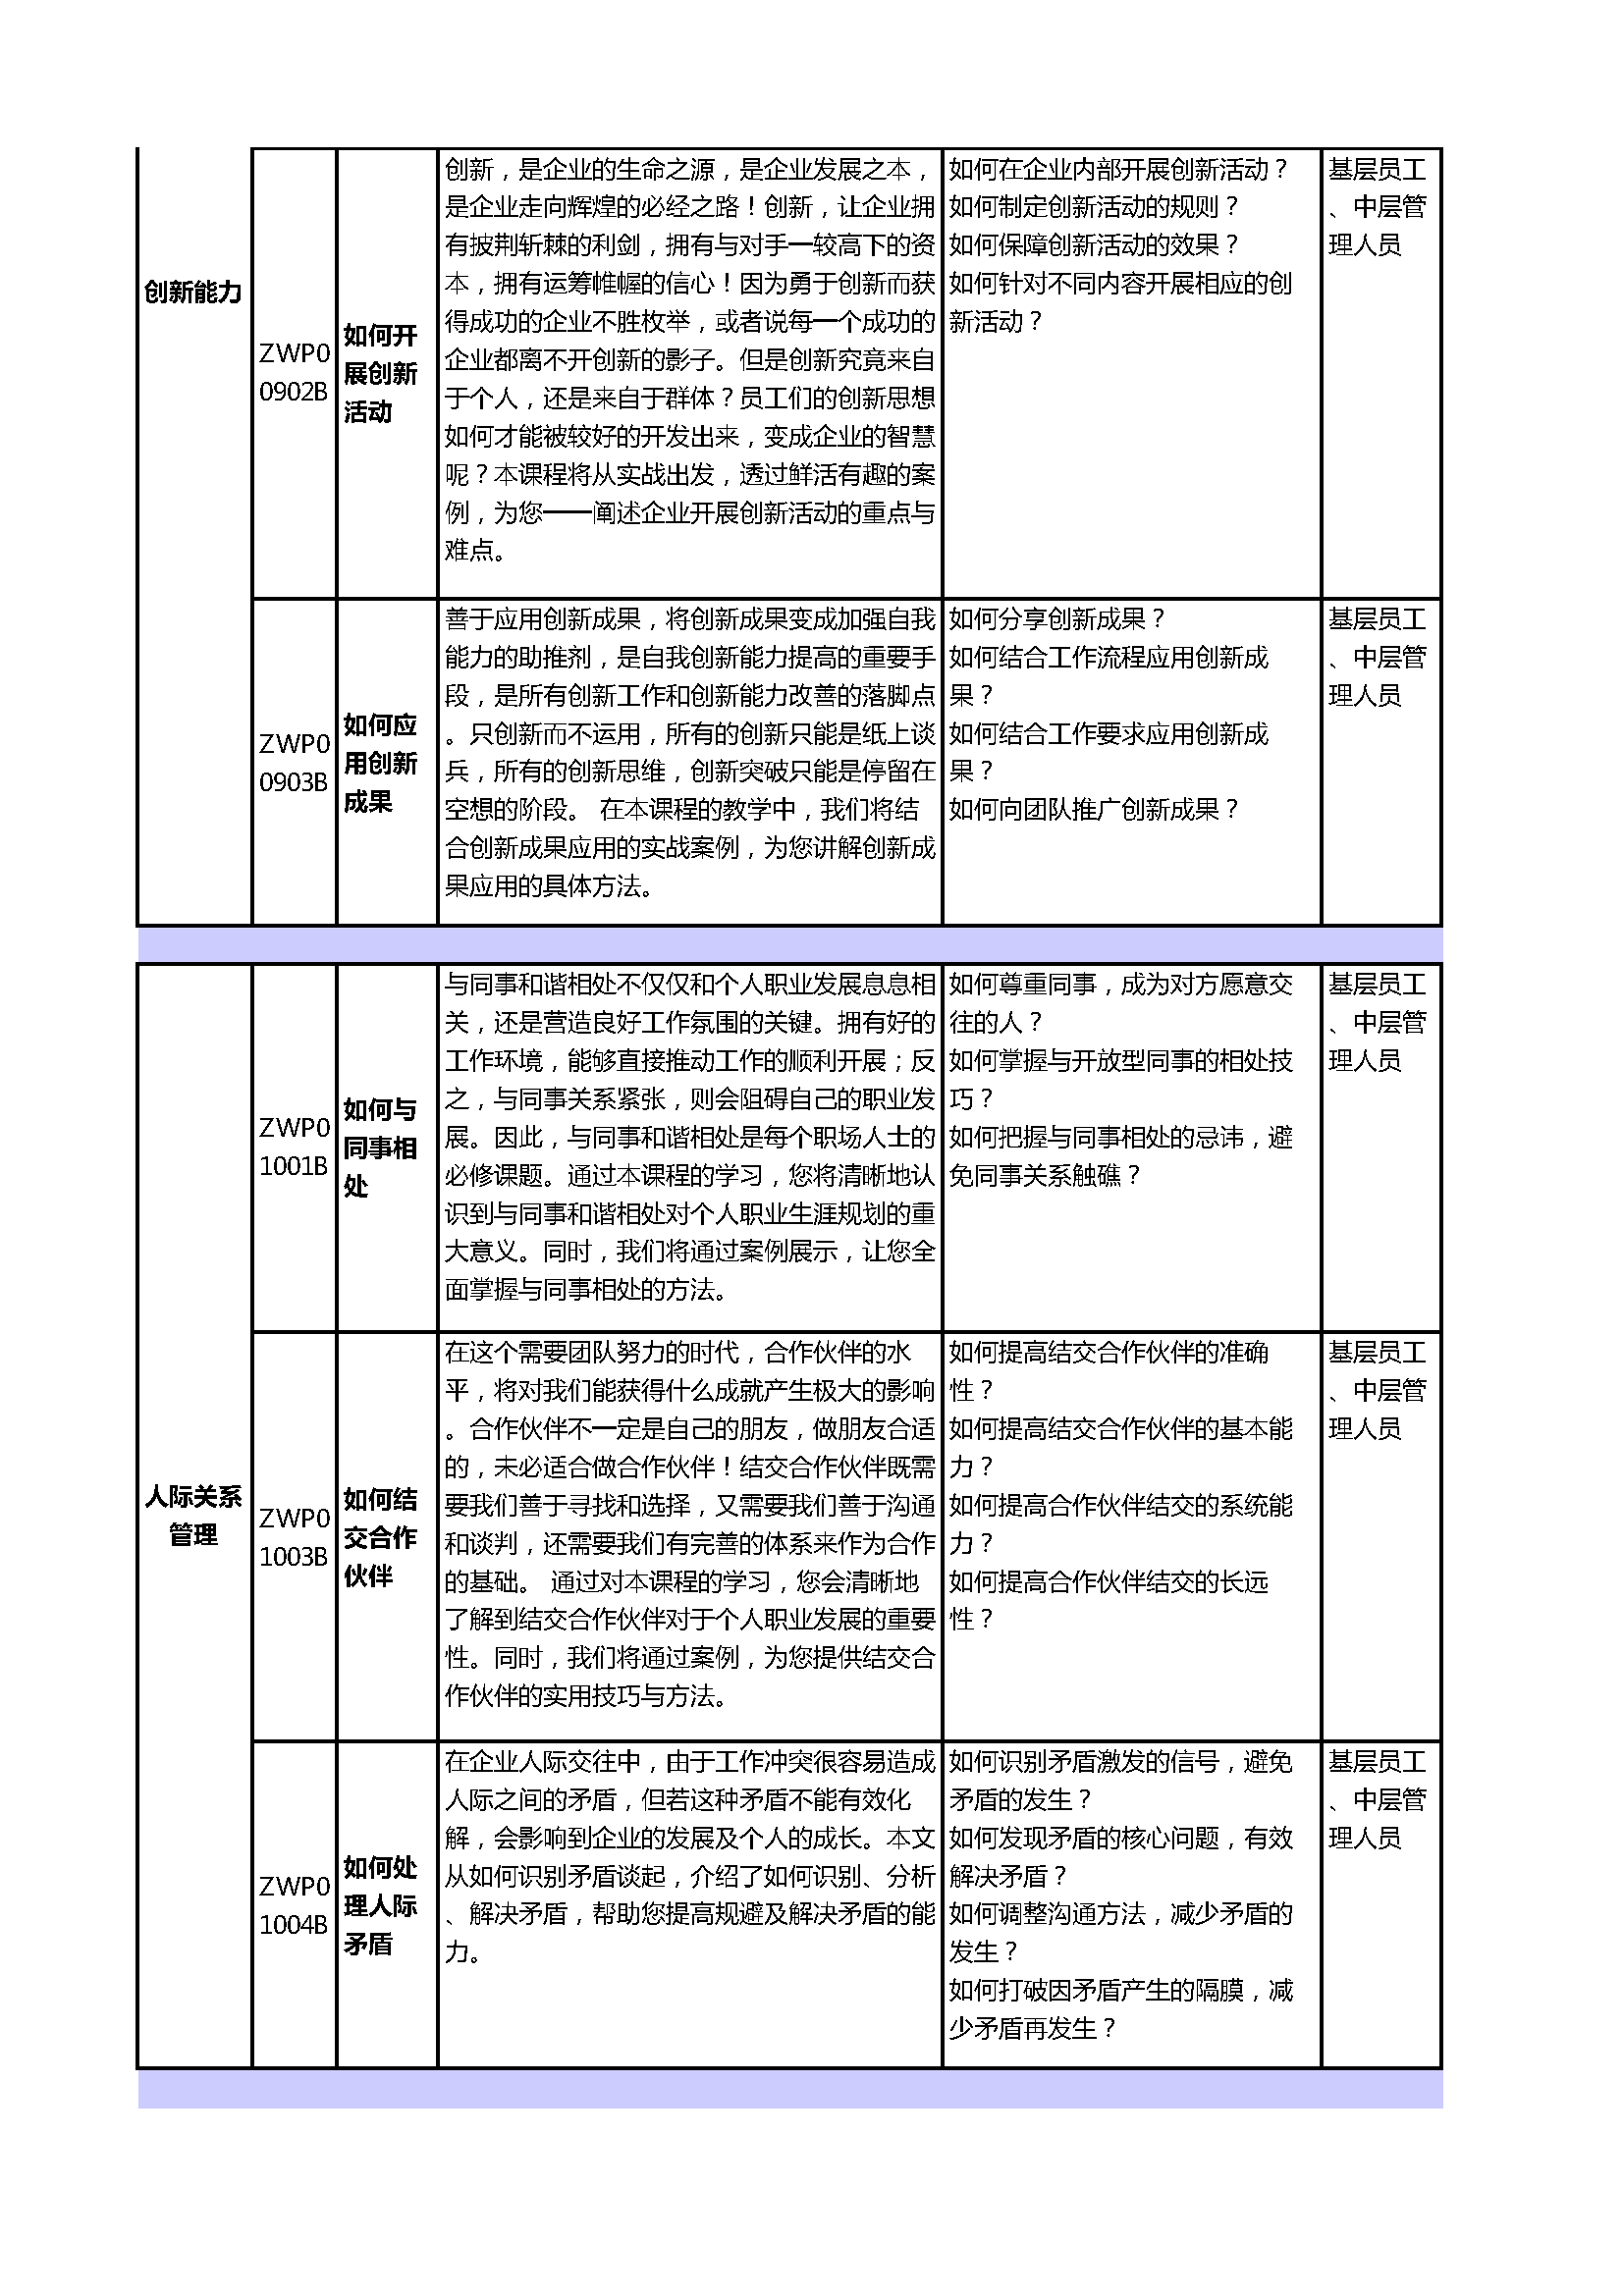 创孵学院拟定课程目录_页面_006.png